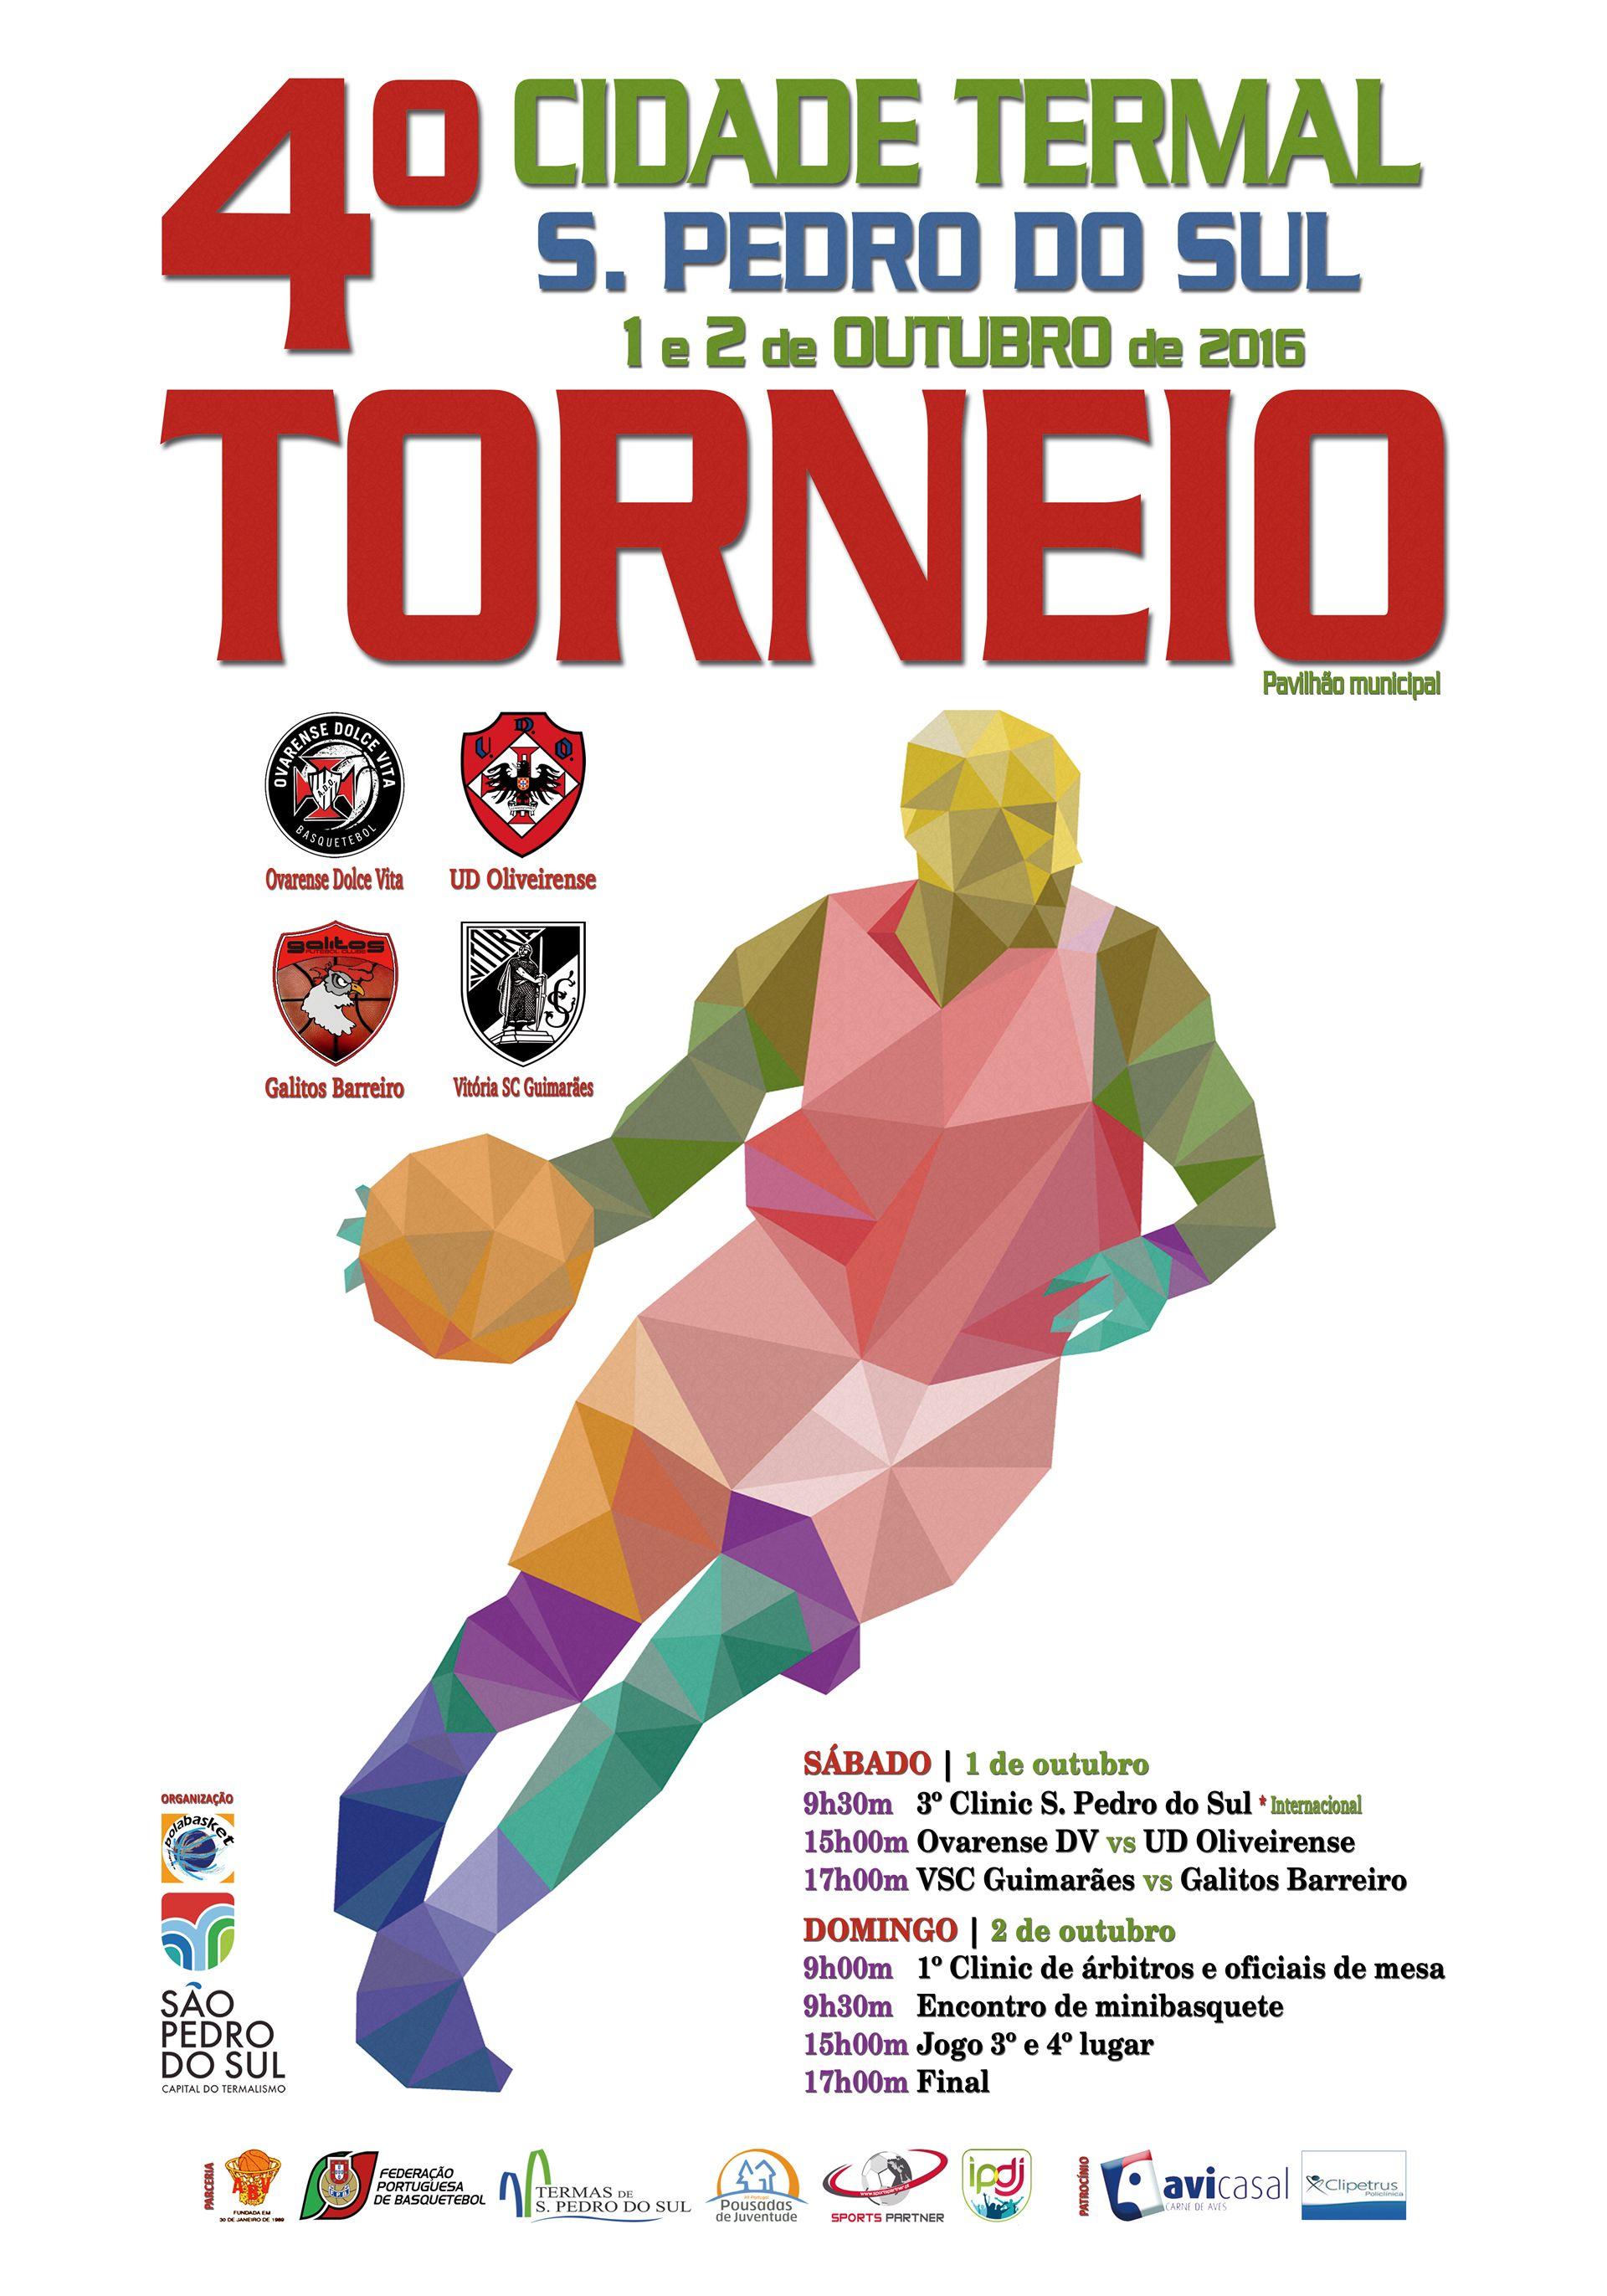 AVICASAL apoia o 4º Torneio Cidade Termal S.Pedro do Sul